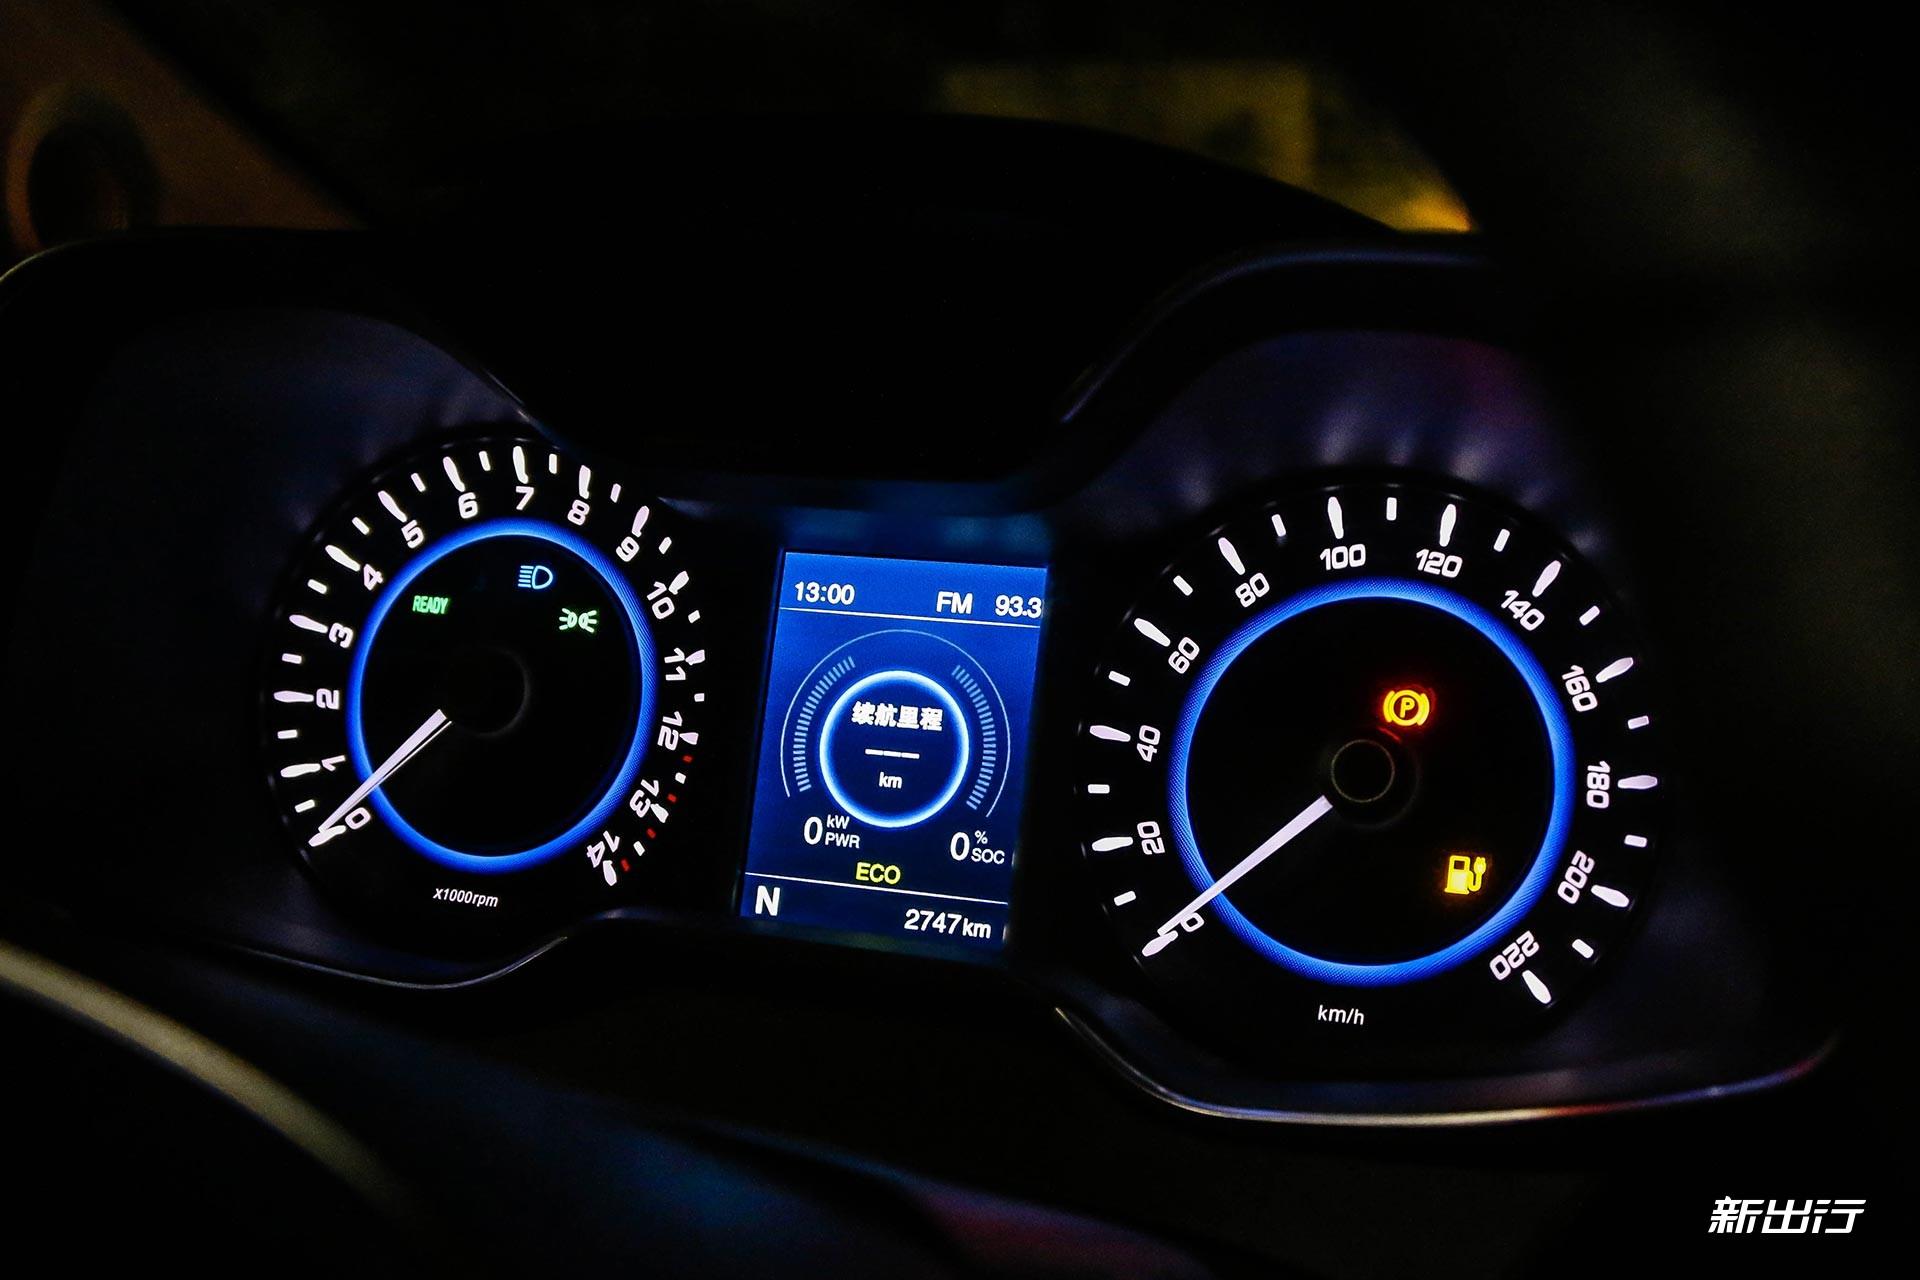 当纯电动车亮起电量不足指示灯时 记住这三点才能开